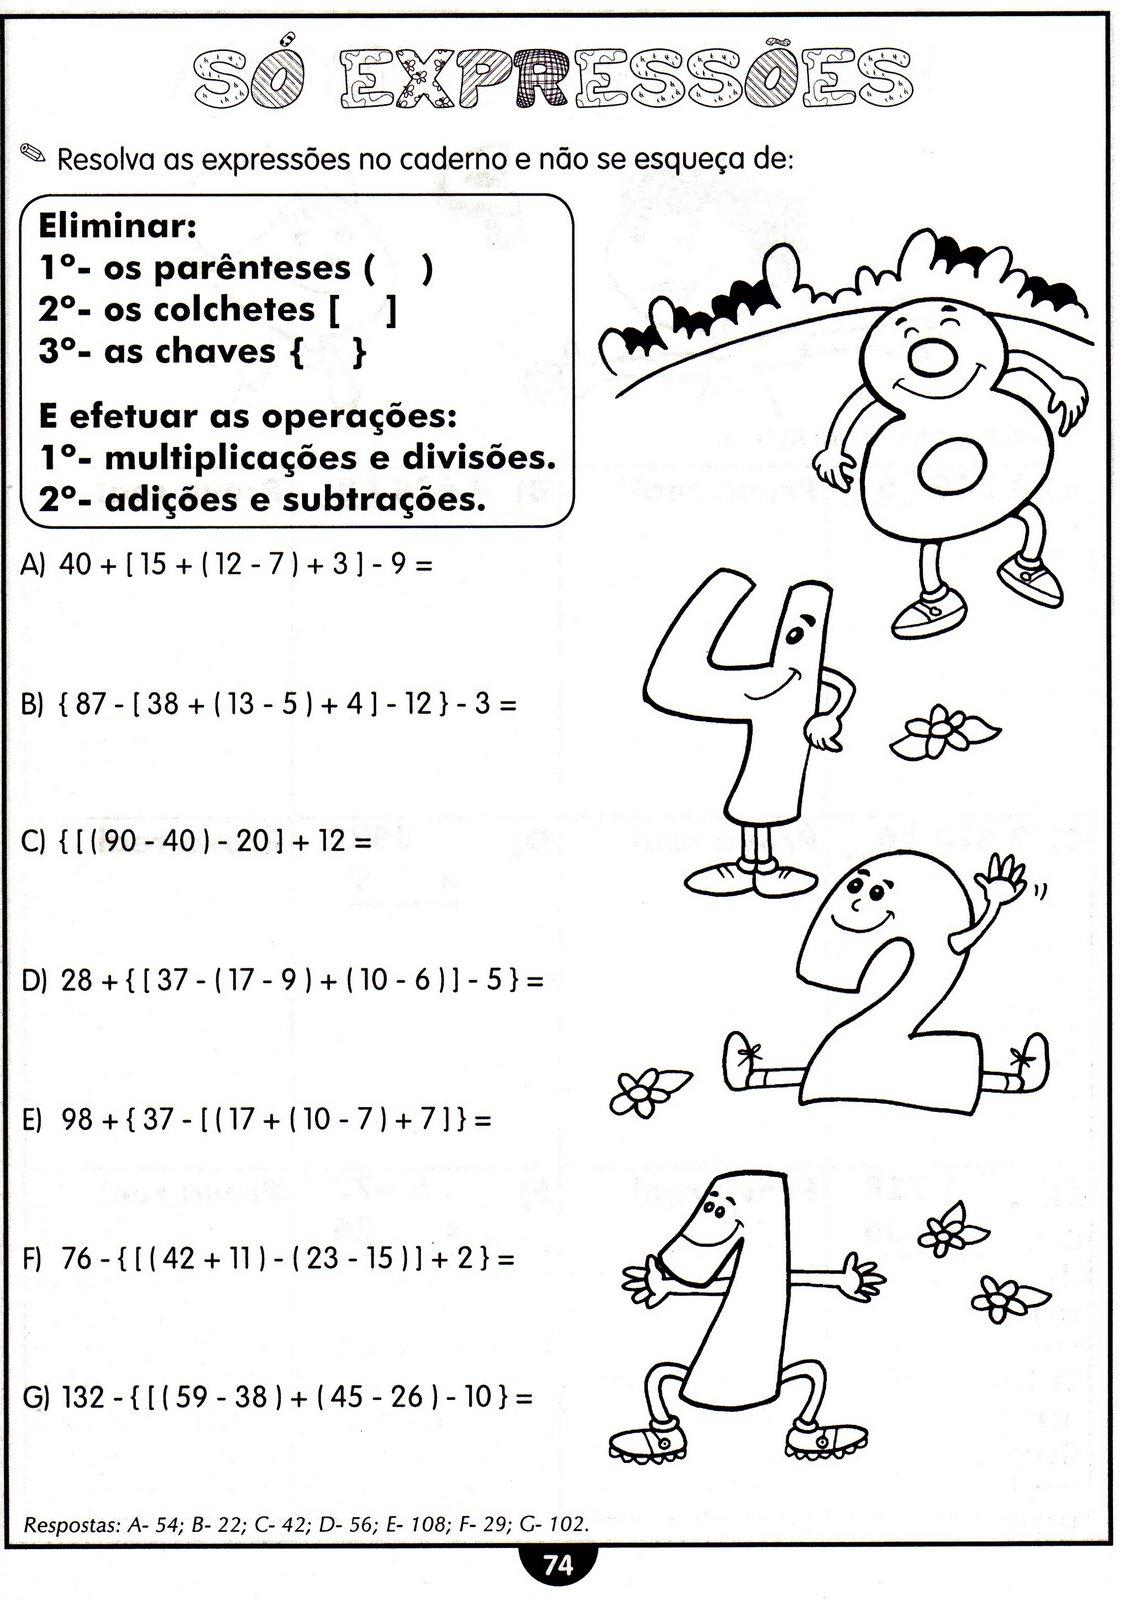 INTRODUCCION moreover Exemplos De Portfolios 14 additionally Division De Fracciones Tipos De besides Grafomotricidad Numeros Del 1 Al 10 Gines 012 likewise Dia Do Indio. on matematica 5 1